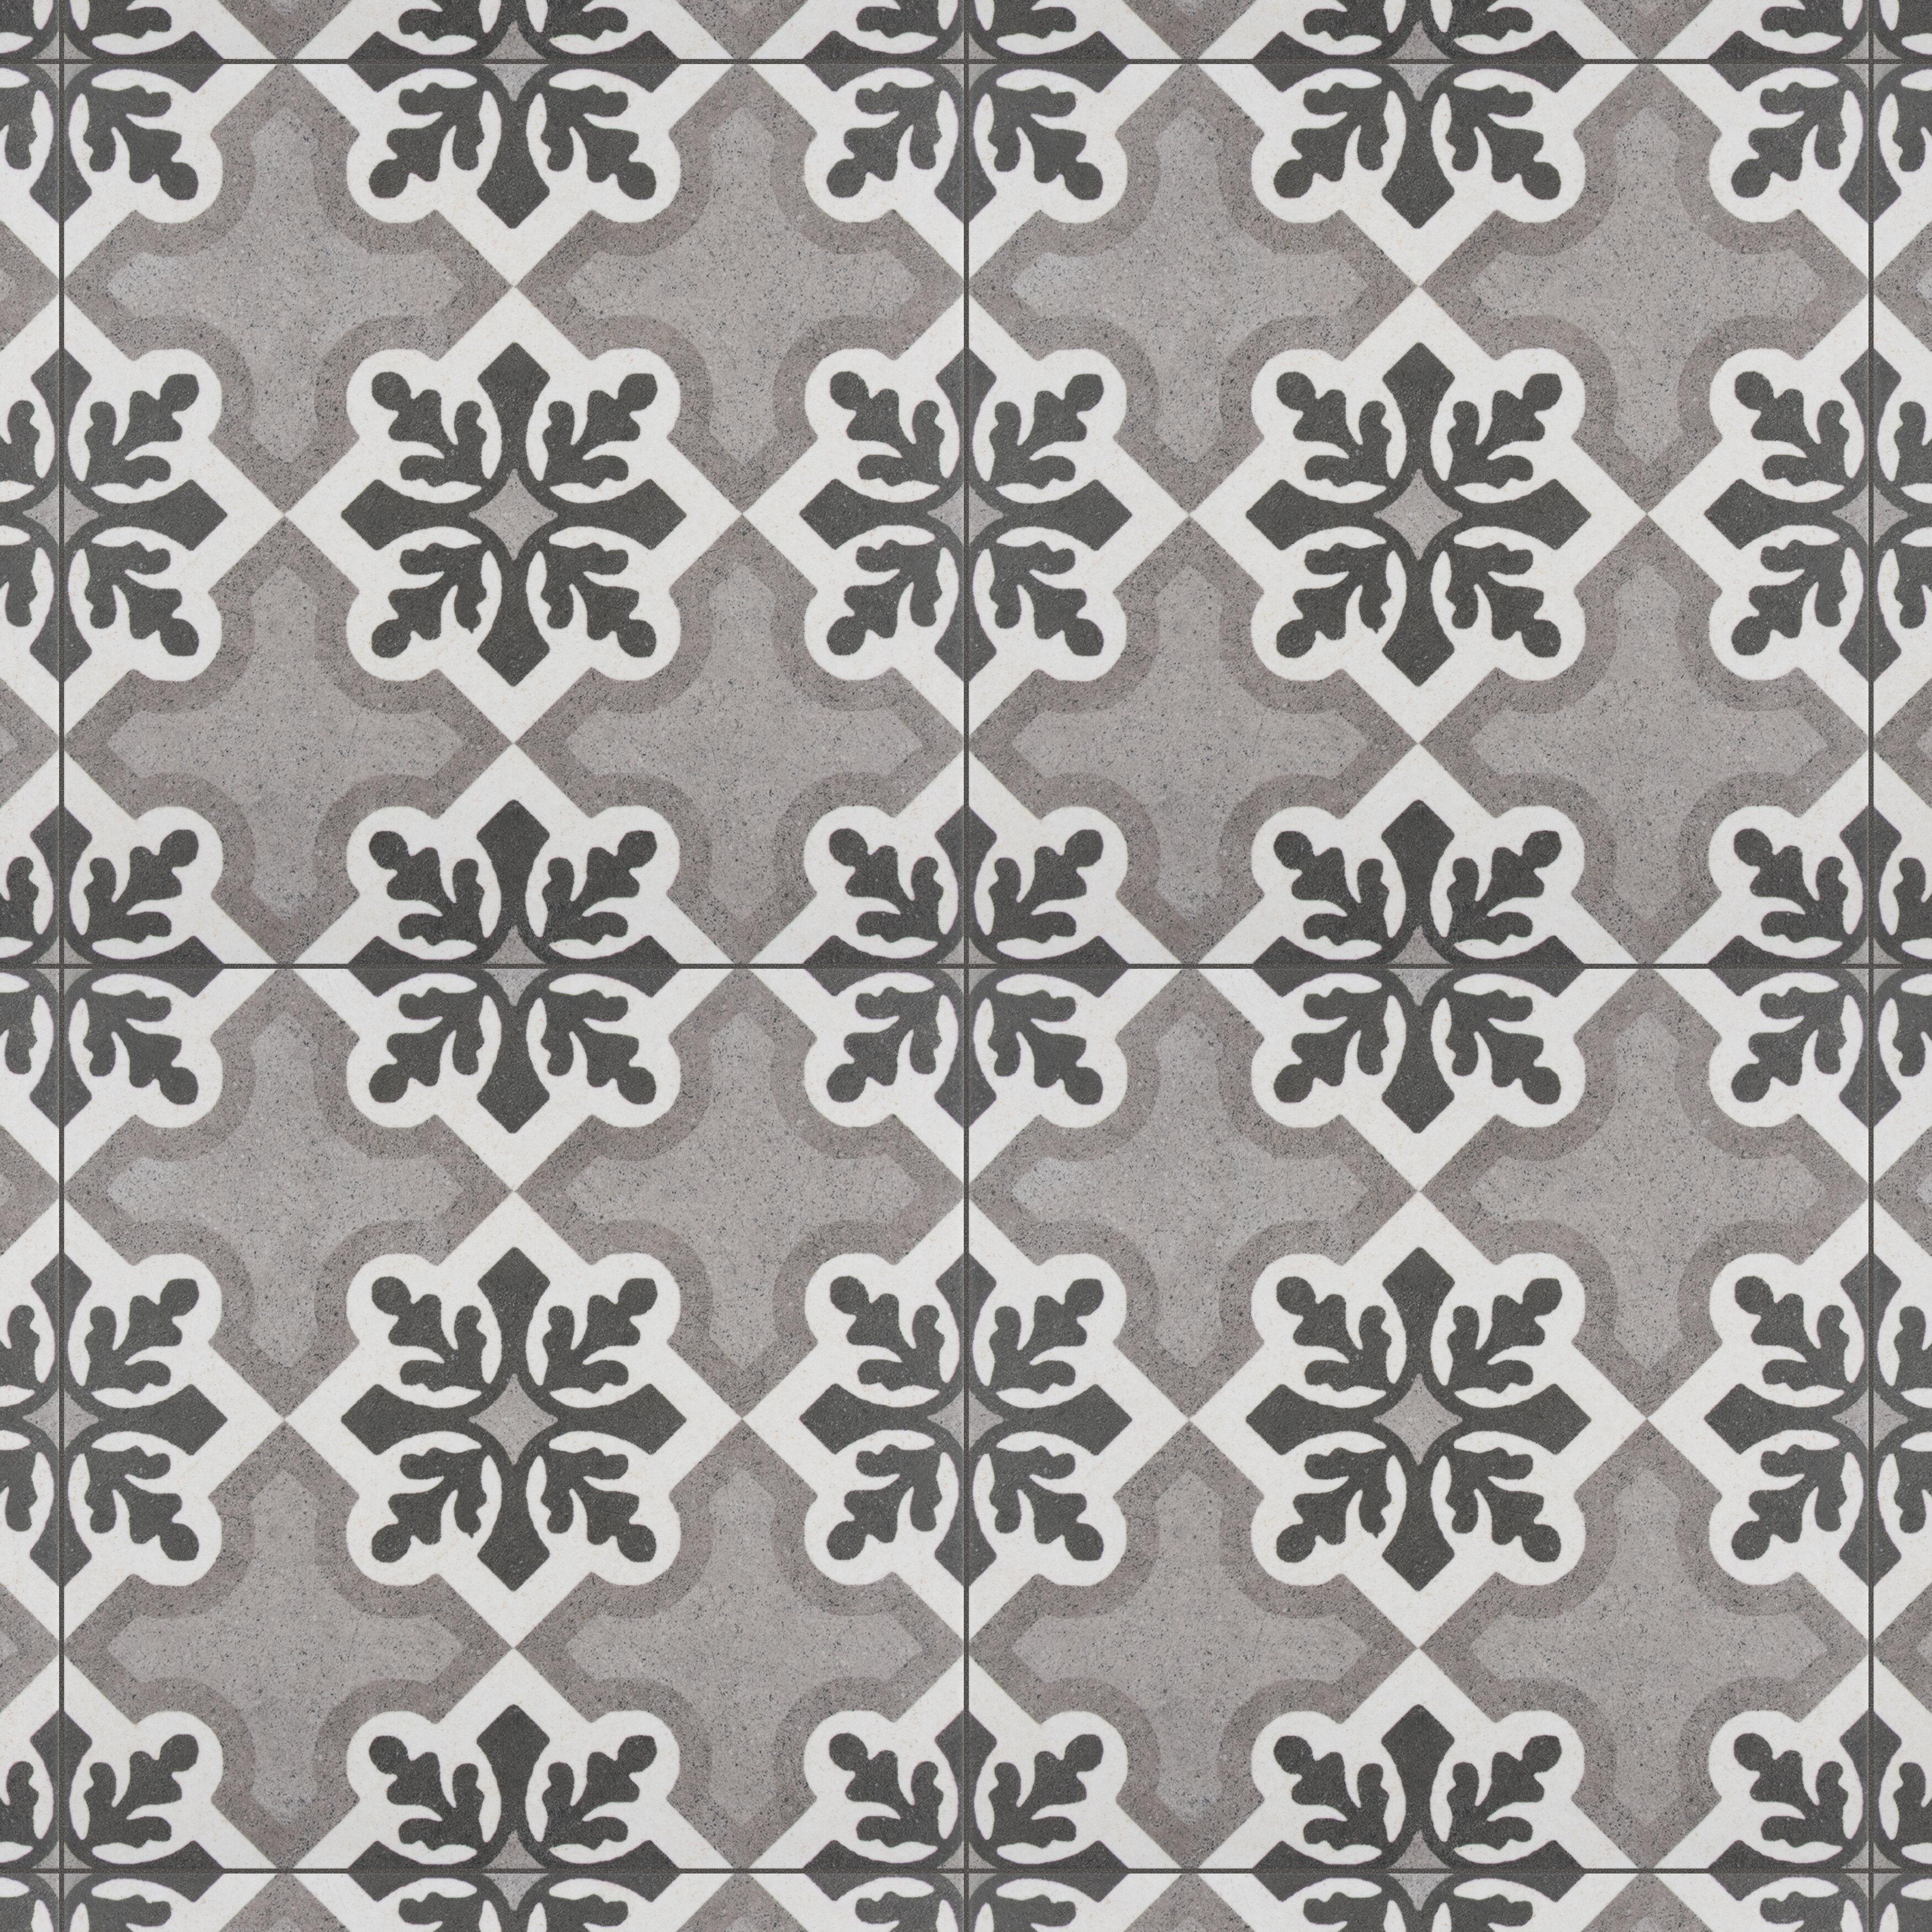 Elitetile Annata 10 X 10 Porcelain Field Tile Reviews Wayfair